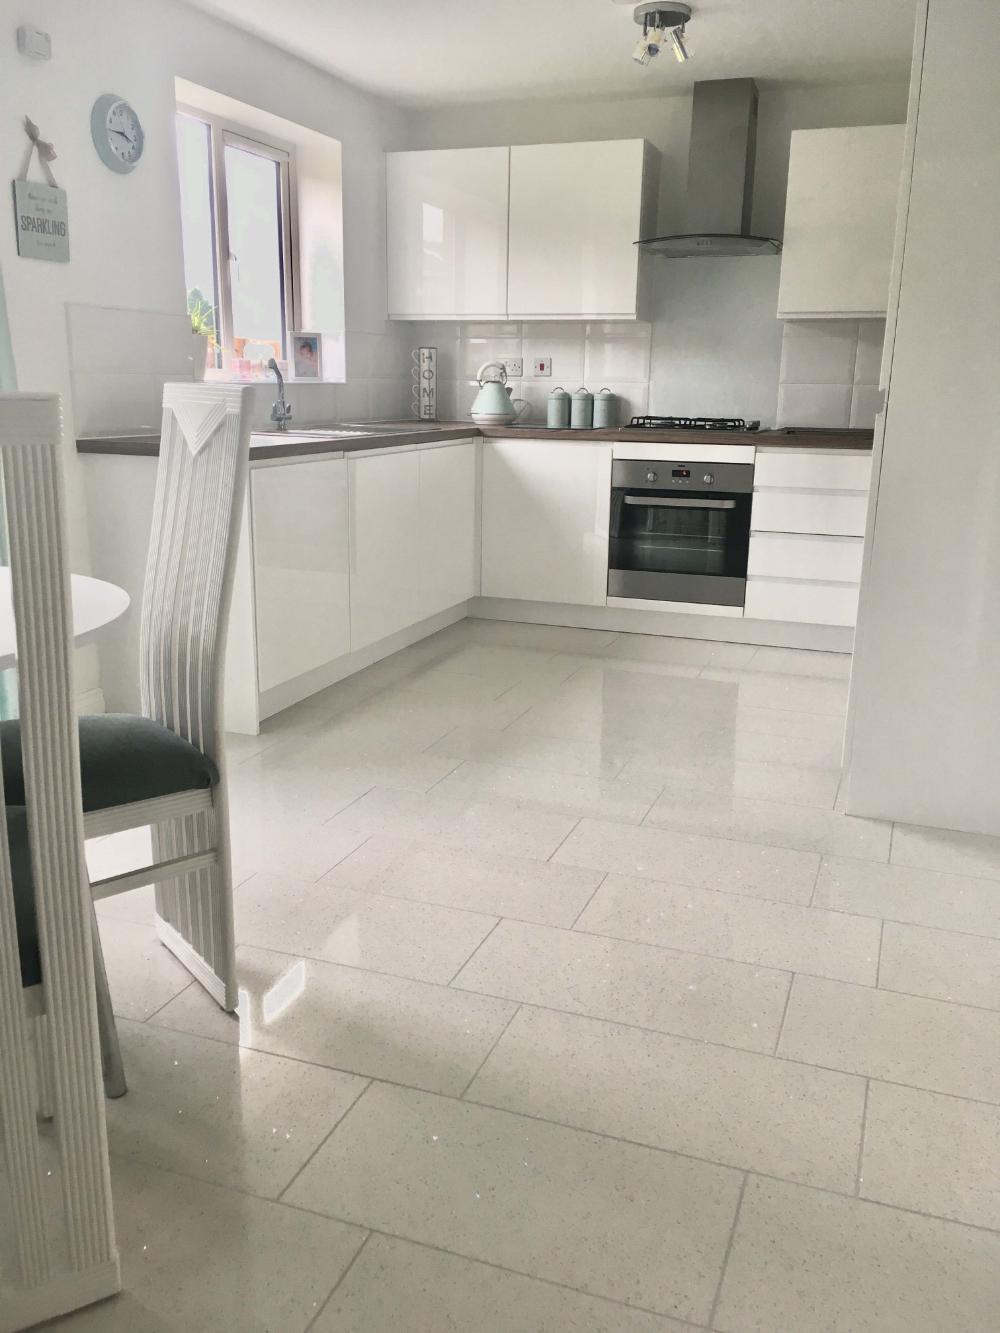 Quartz Floor Tile Google Search Quartz Flooring Quartz Floor Tiles Kitchen Floor Tile